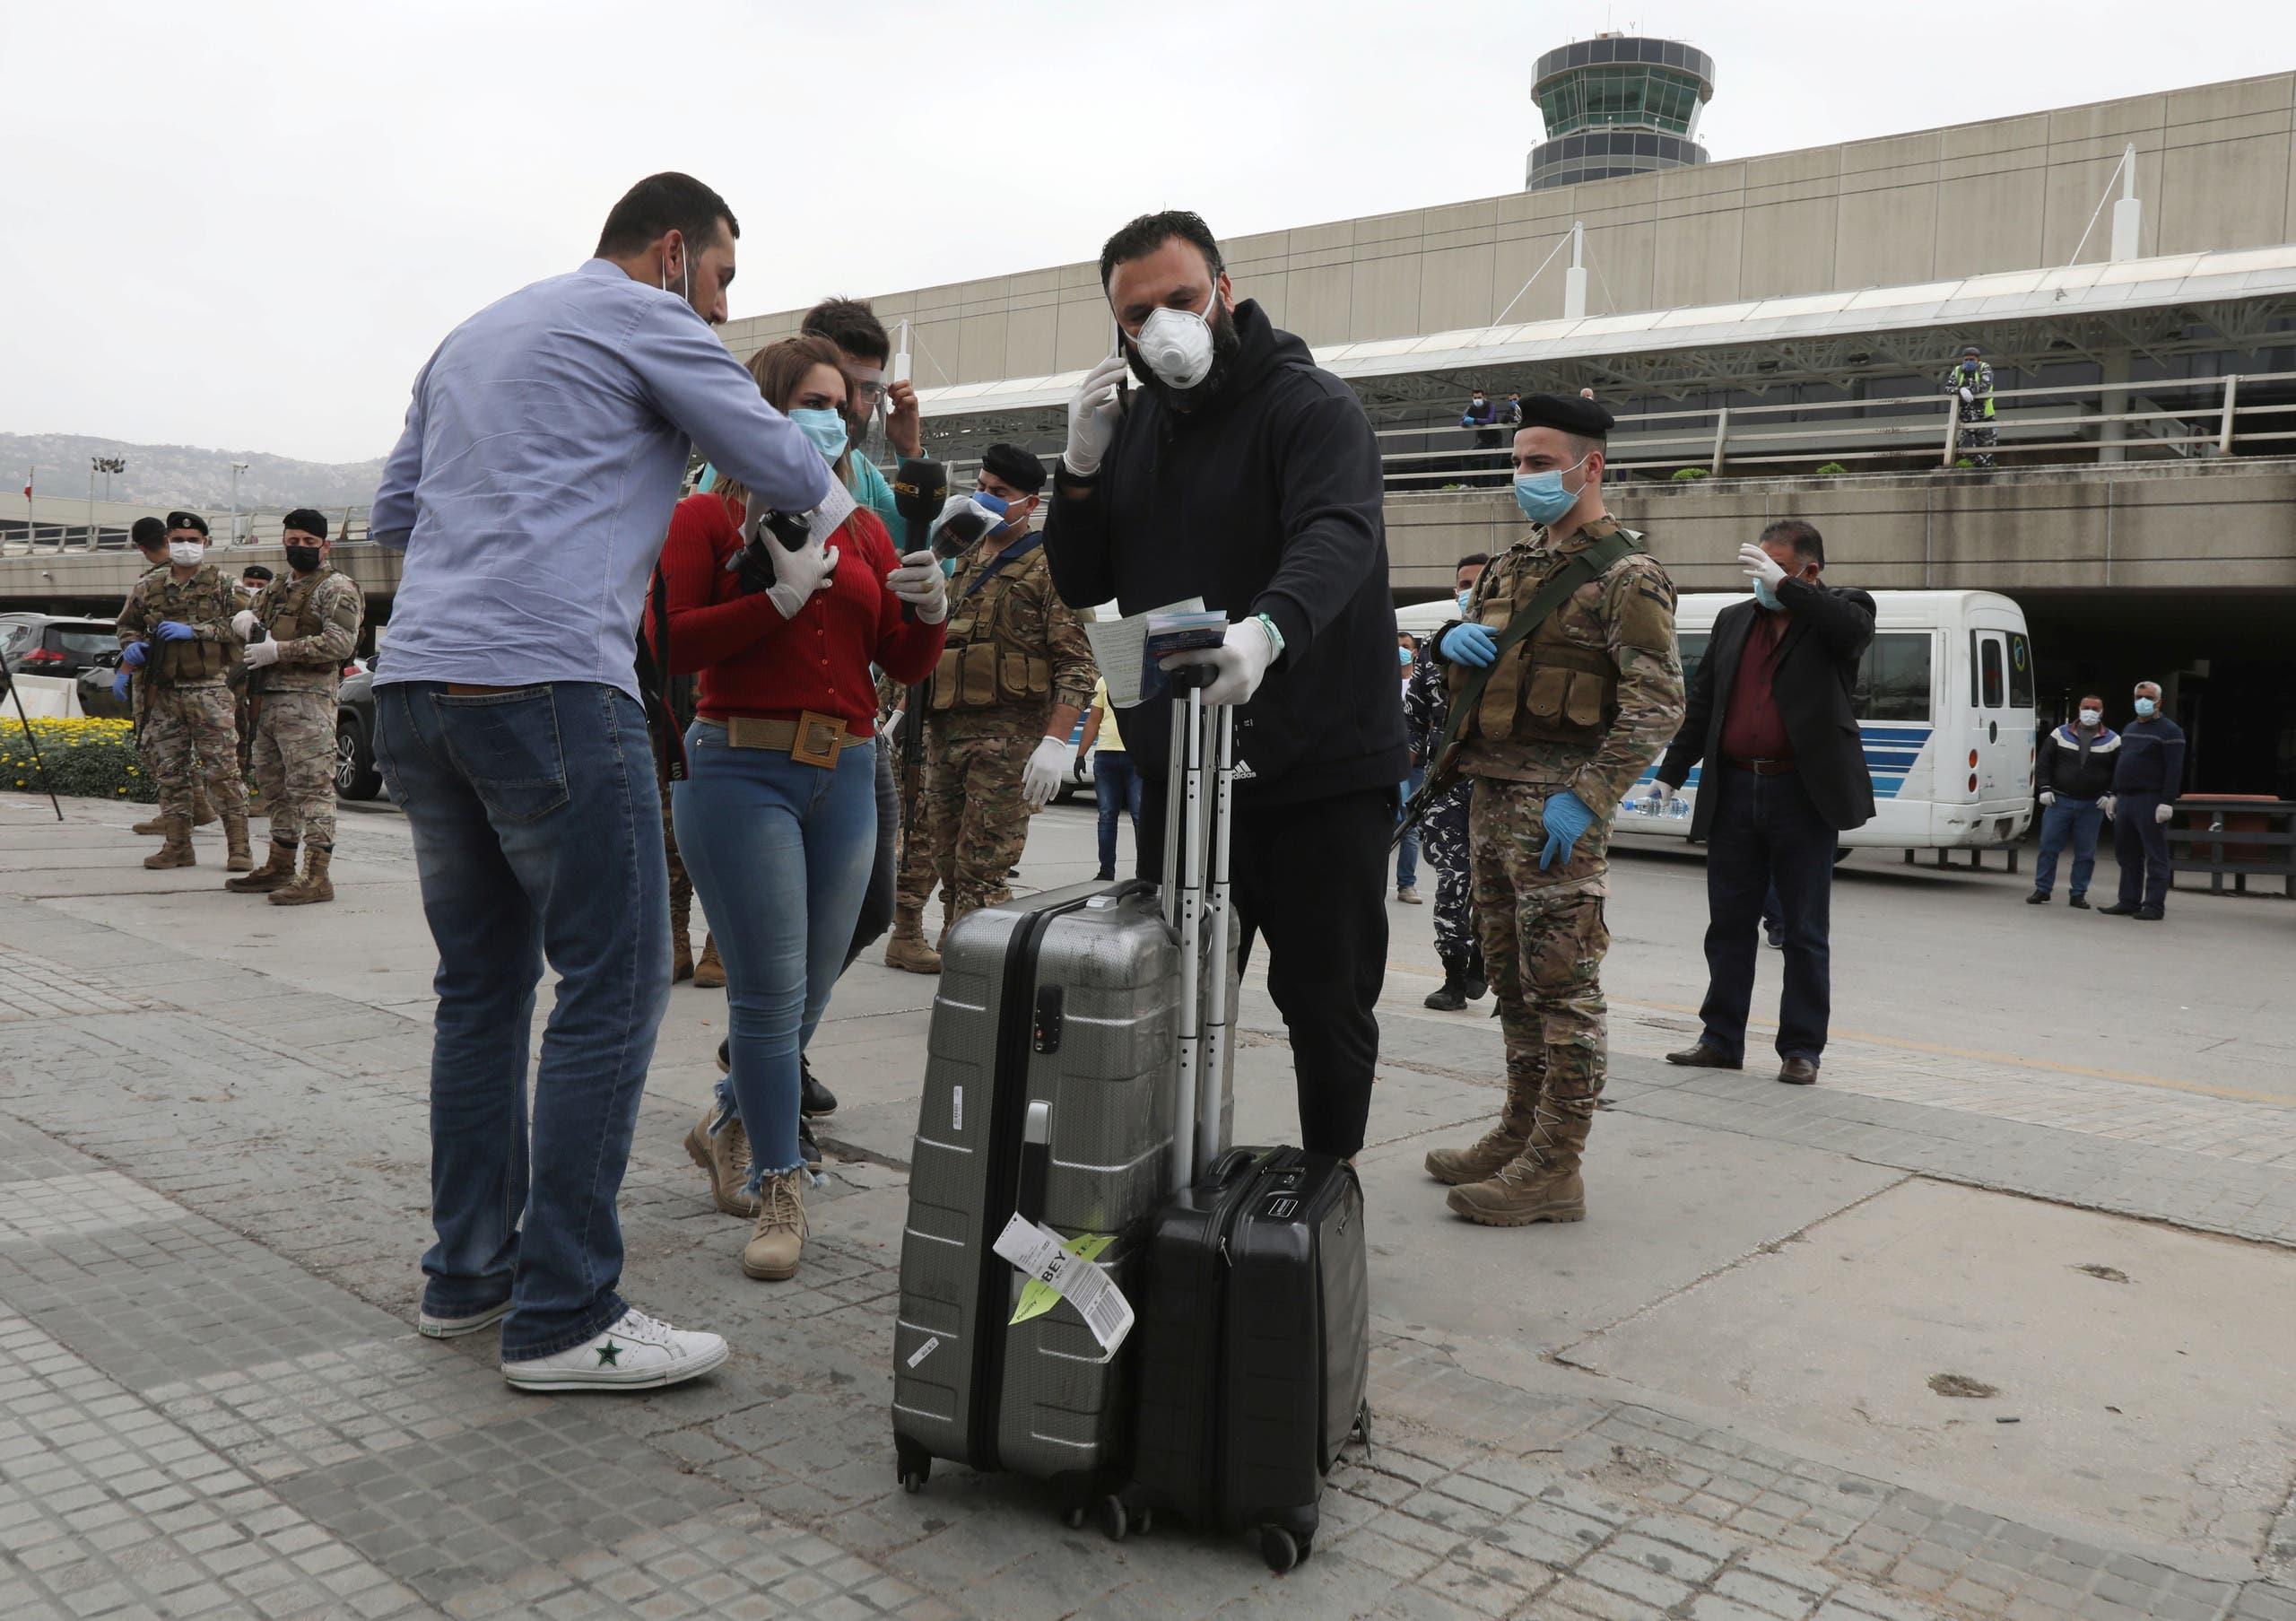 مسافرون وصلوا اليوم من الخارج إلى مطار بيروت